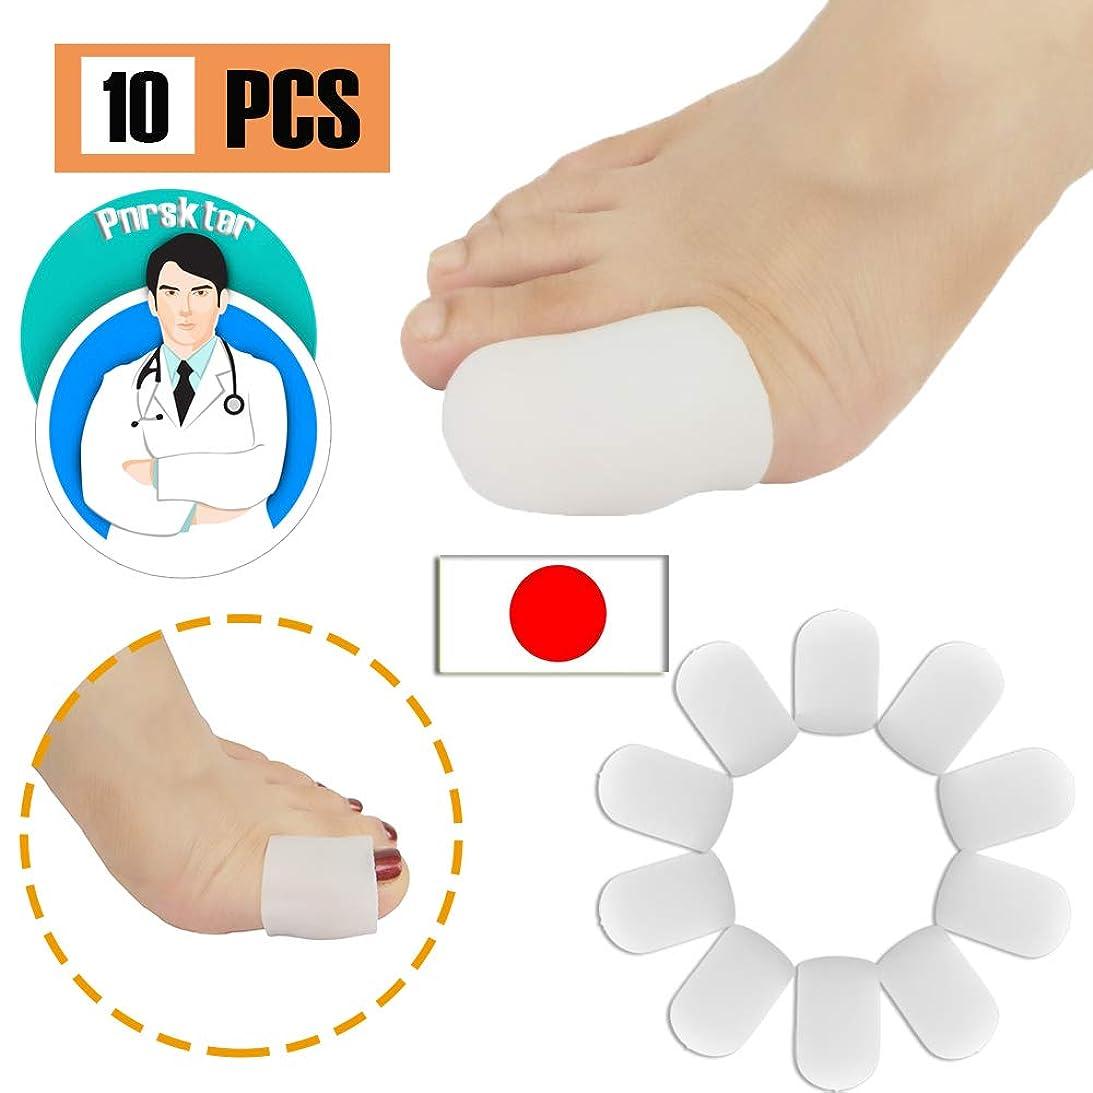 嘆願相対サイズ揺れるジェル 足指 足の親指 キャップ プロテクター スリーブ 新素材 水疱 ハンマートゥ 陥入爪 爪損傷 摩擦疼痛などの緩和 (足の親指用)(10個入り)